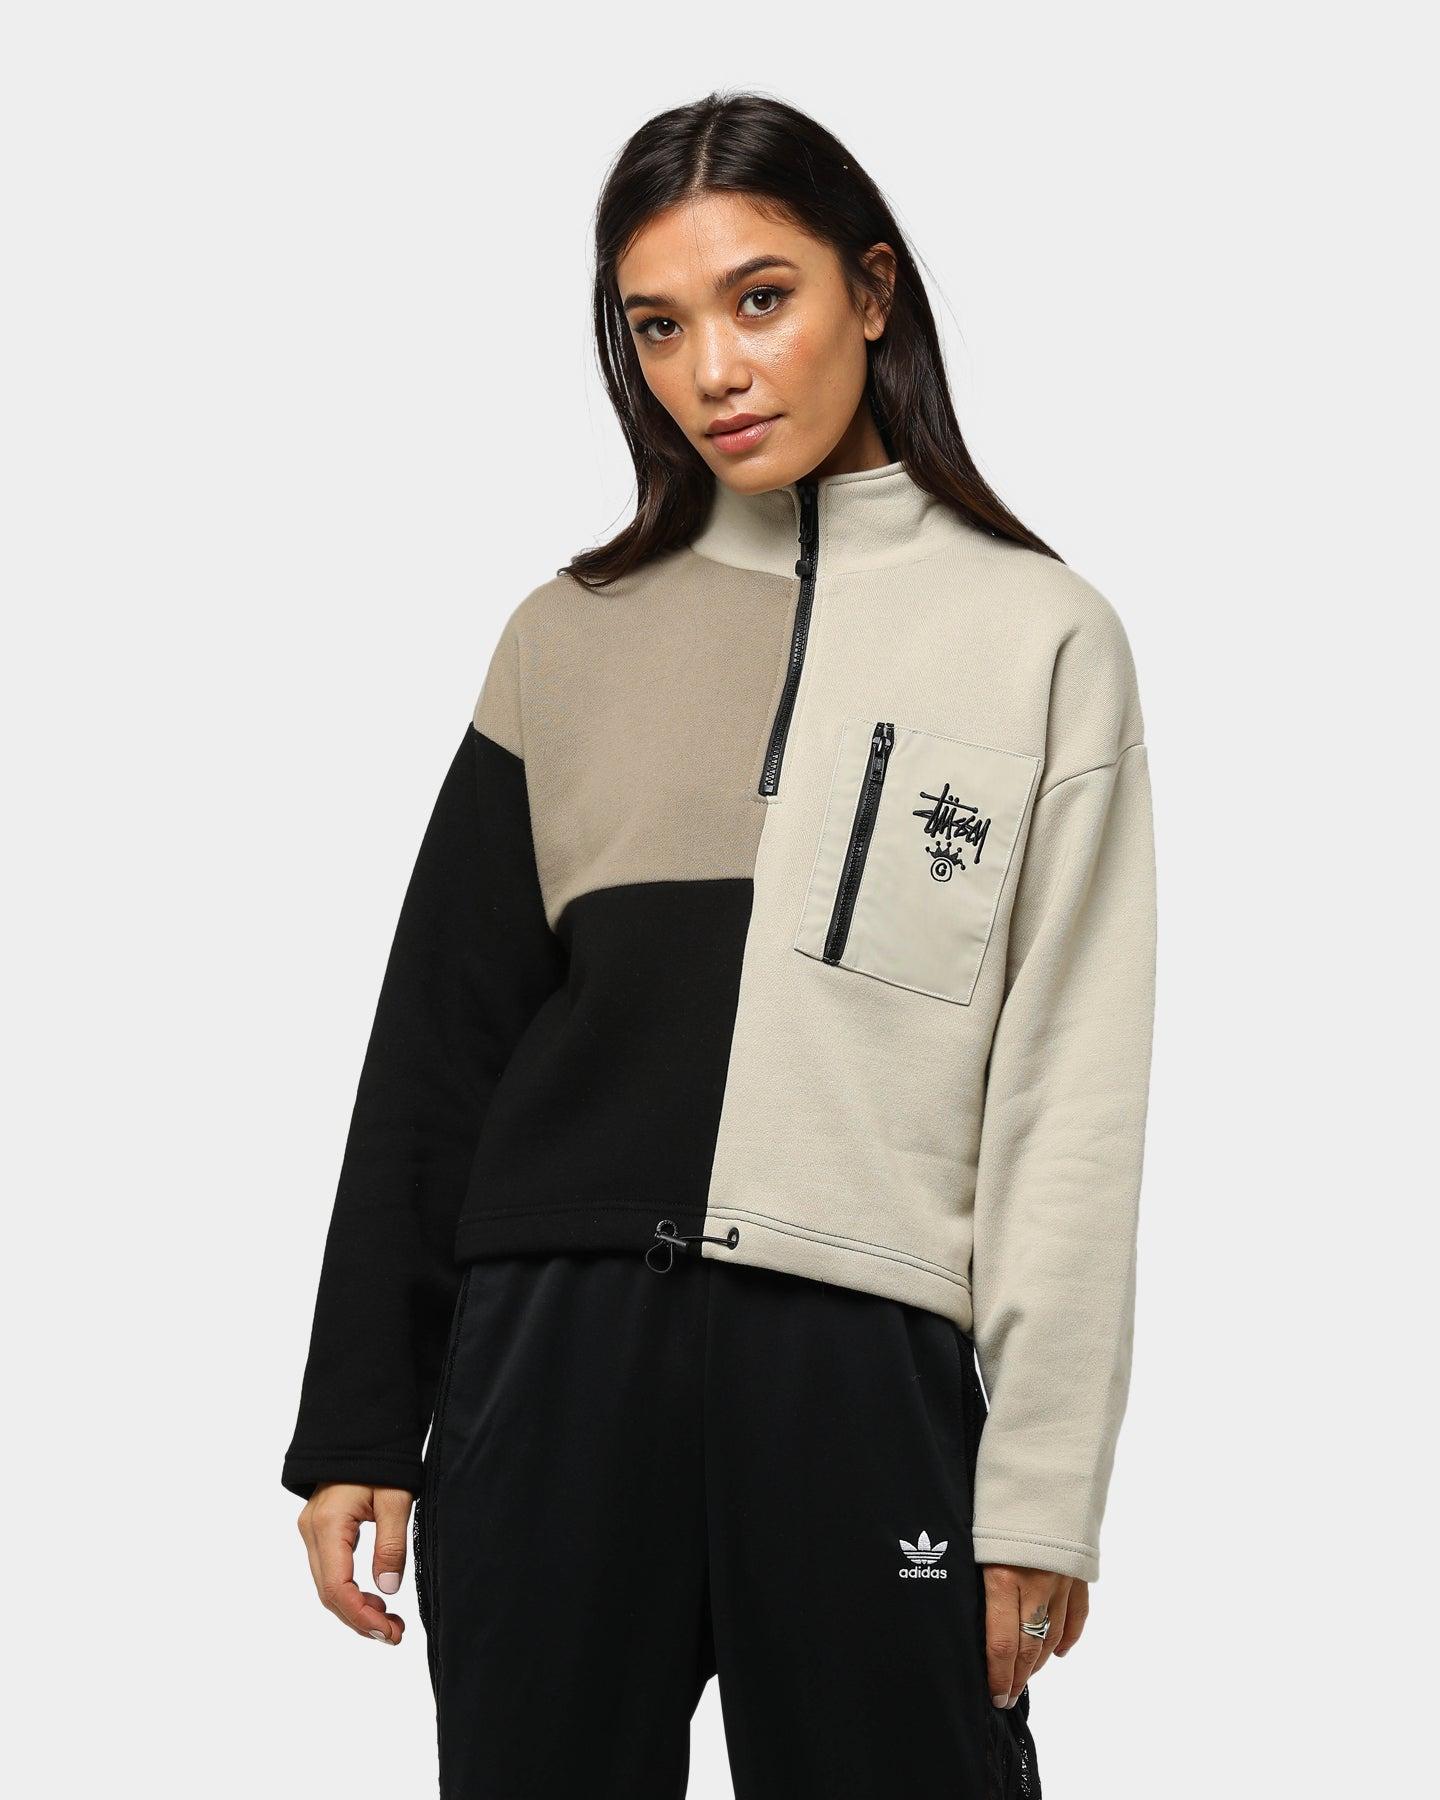 Stussy Women's Colourblock 14 Zip Fleece Cement